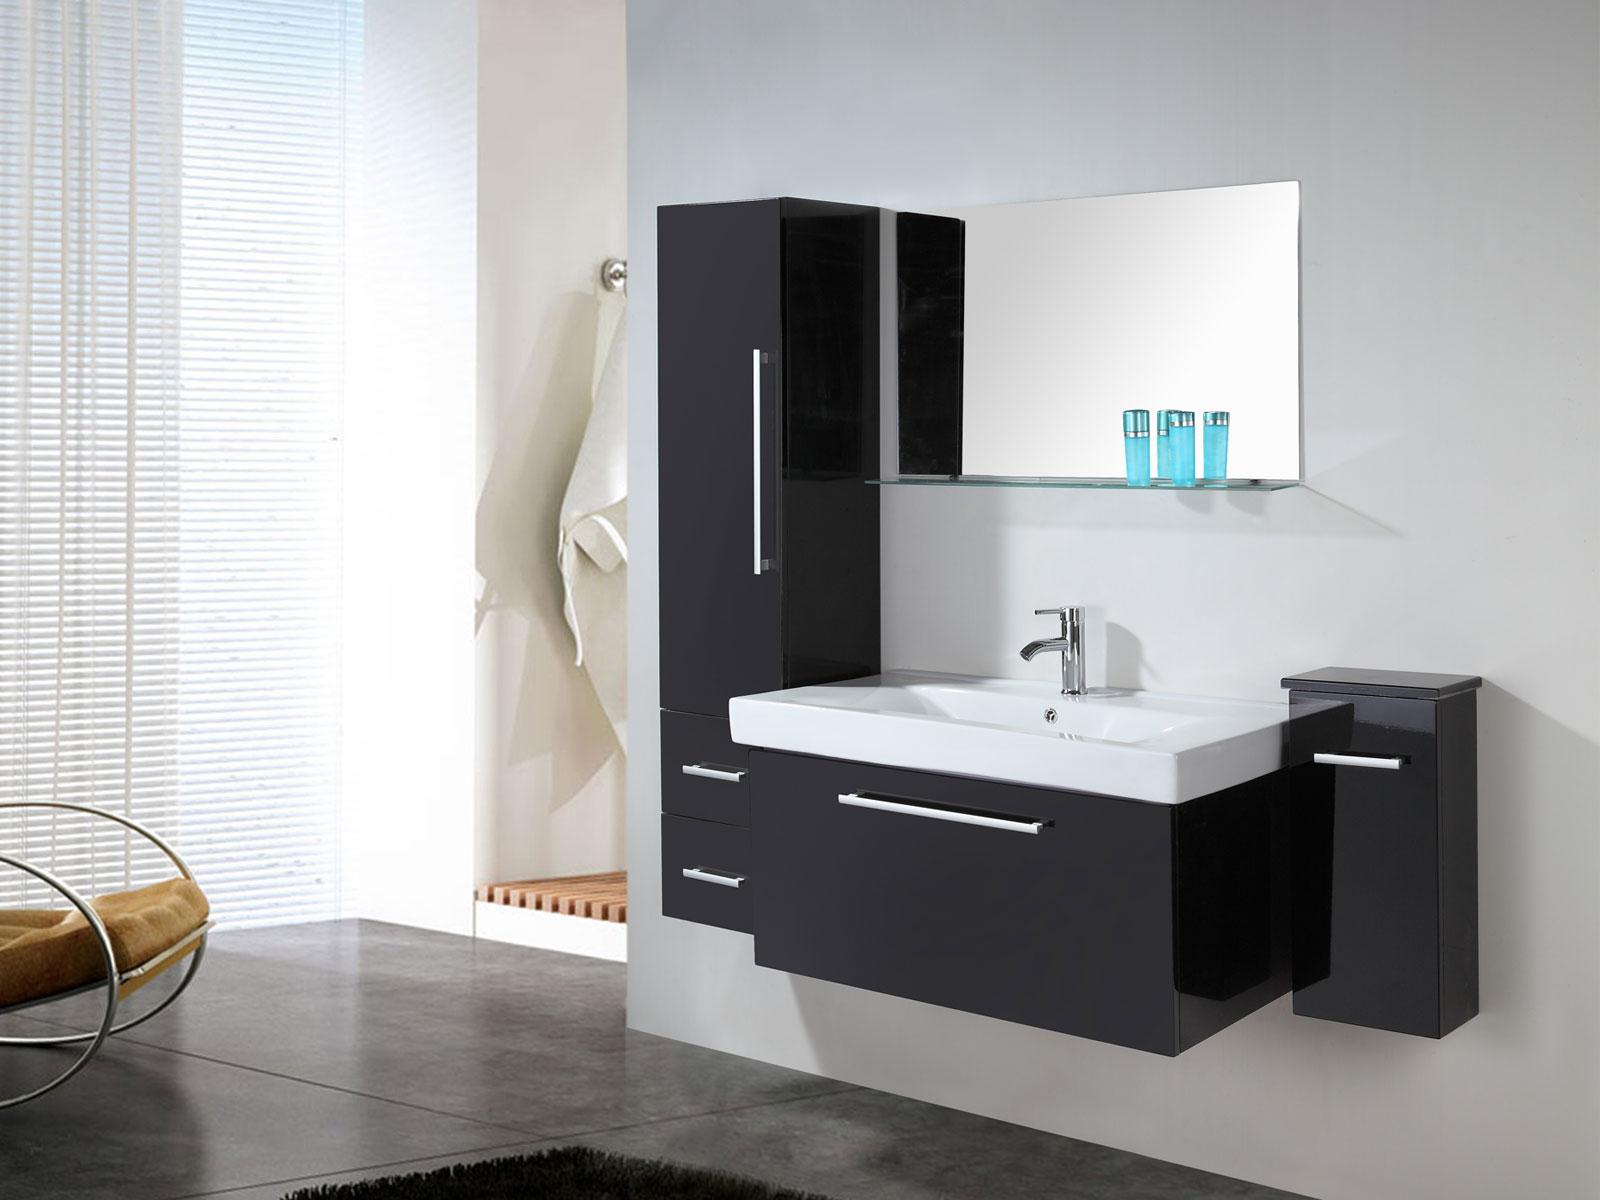 London meuble salle de bain 100 cm lavabo et colonne compris for Arredo bagno immagini e prezzi